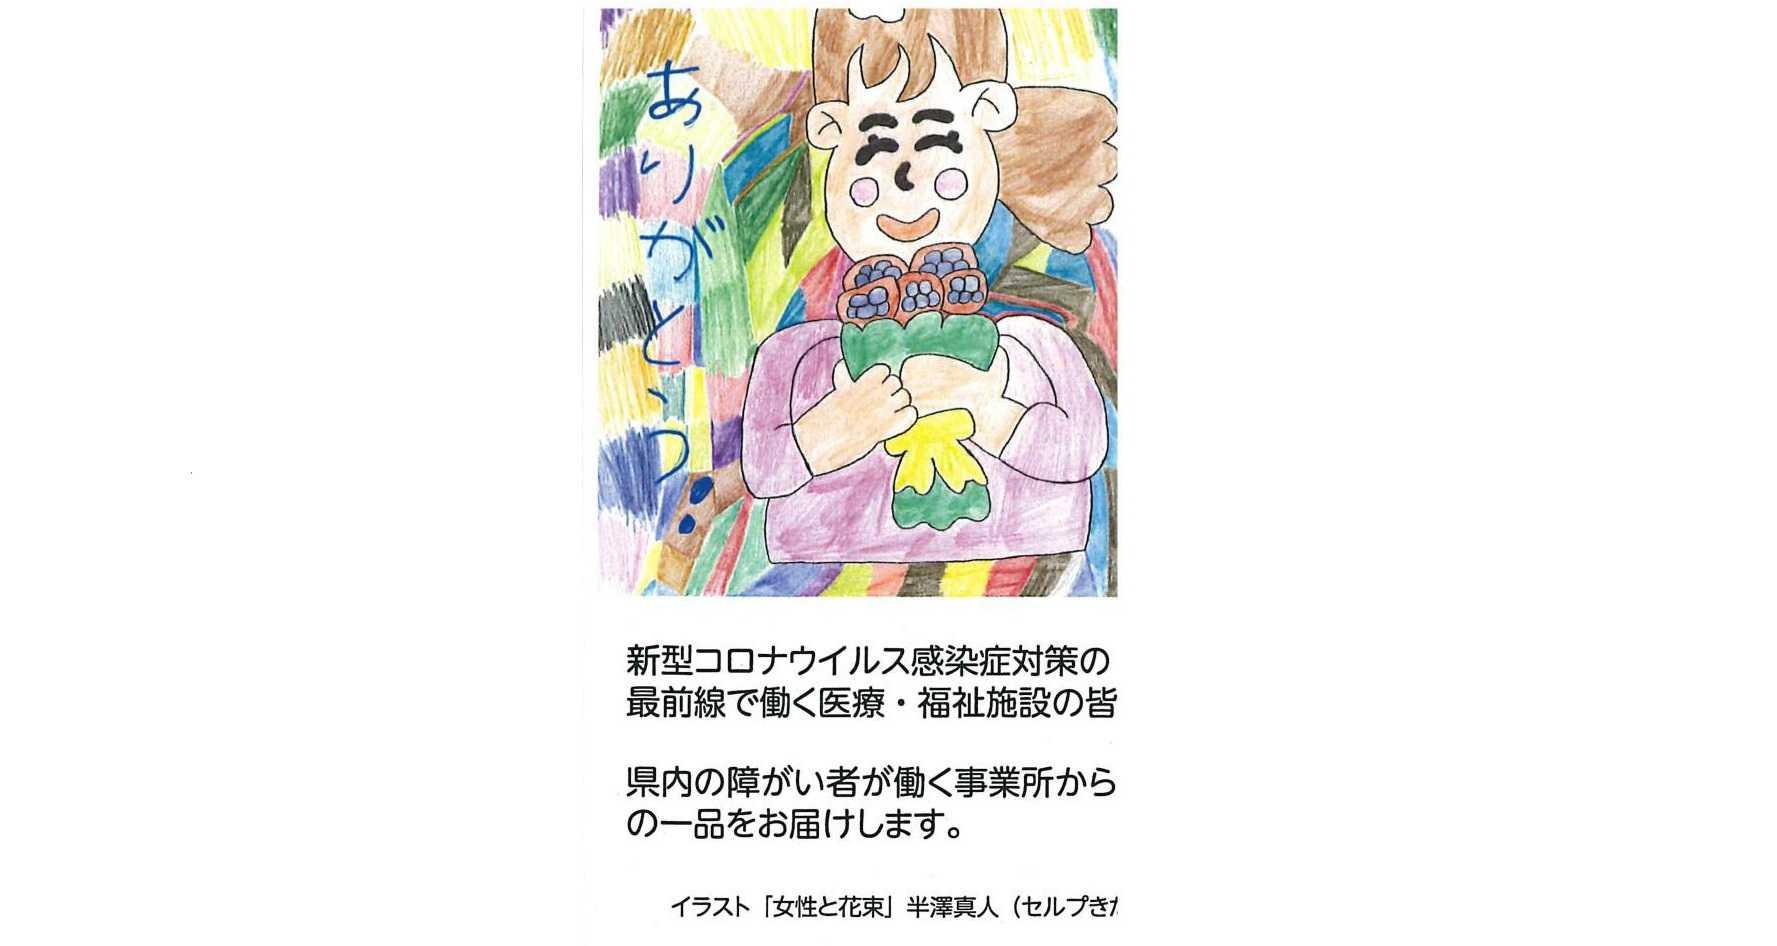 コロナ医療・福祉等応援基金/みんなの感謝お届け事業~うれしいお便り~